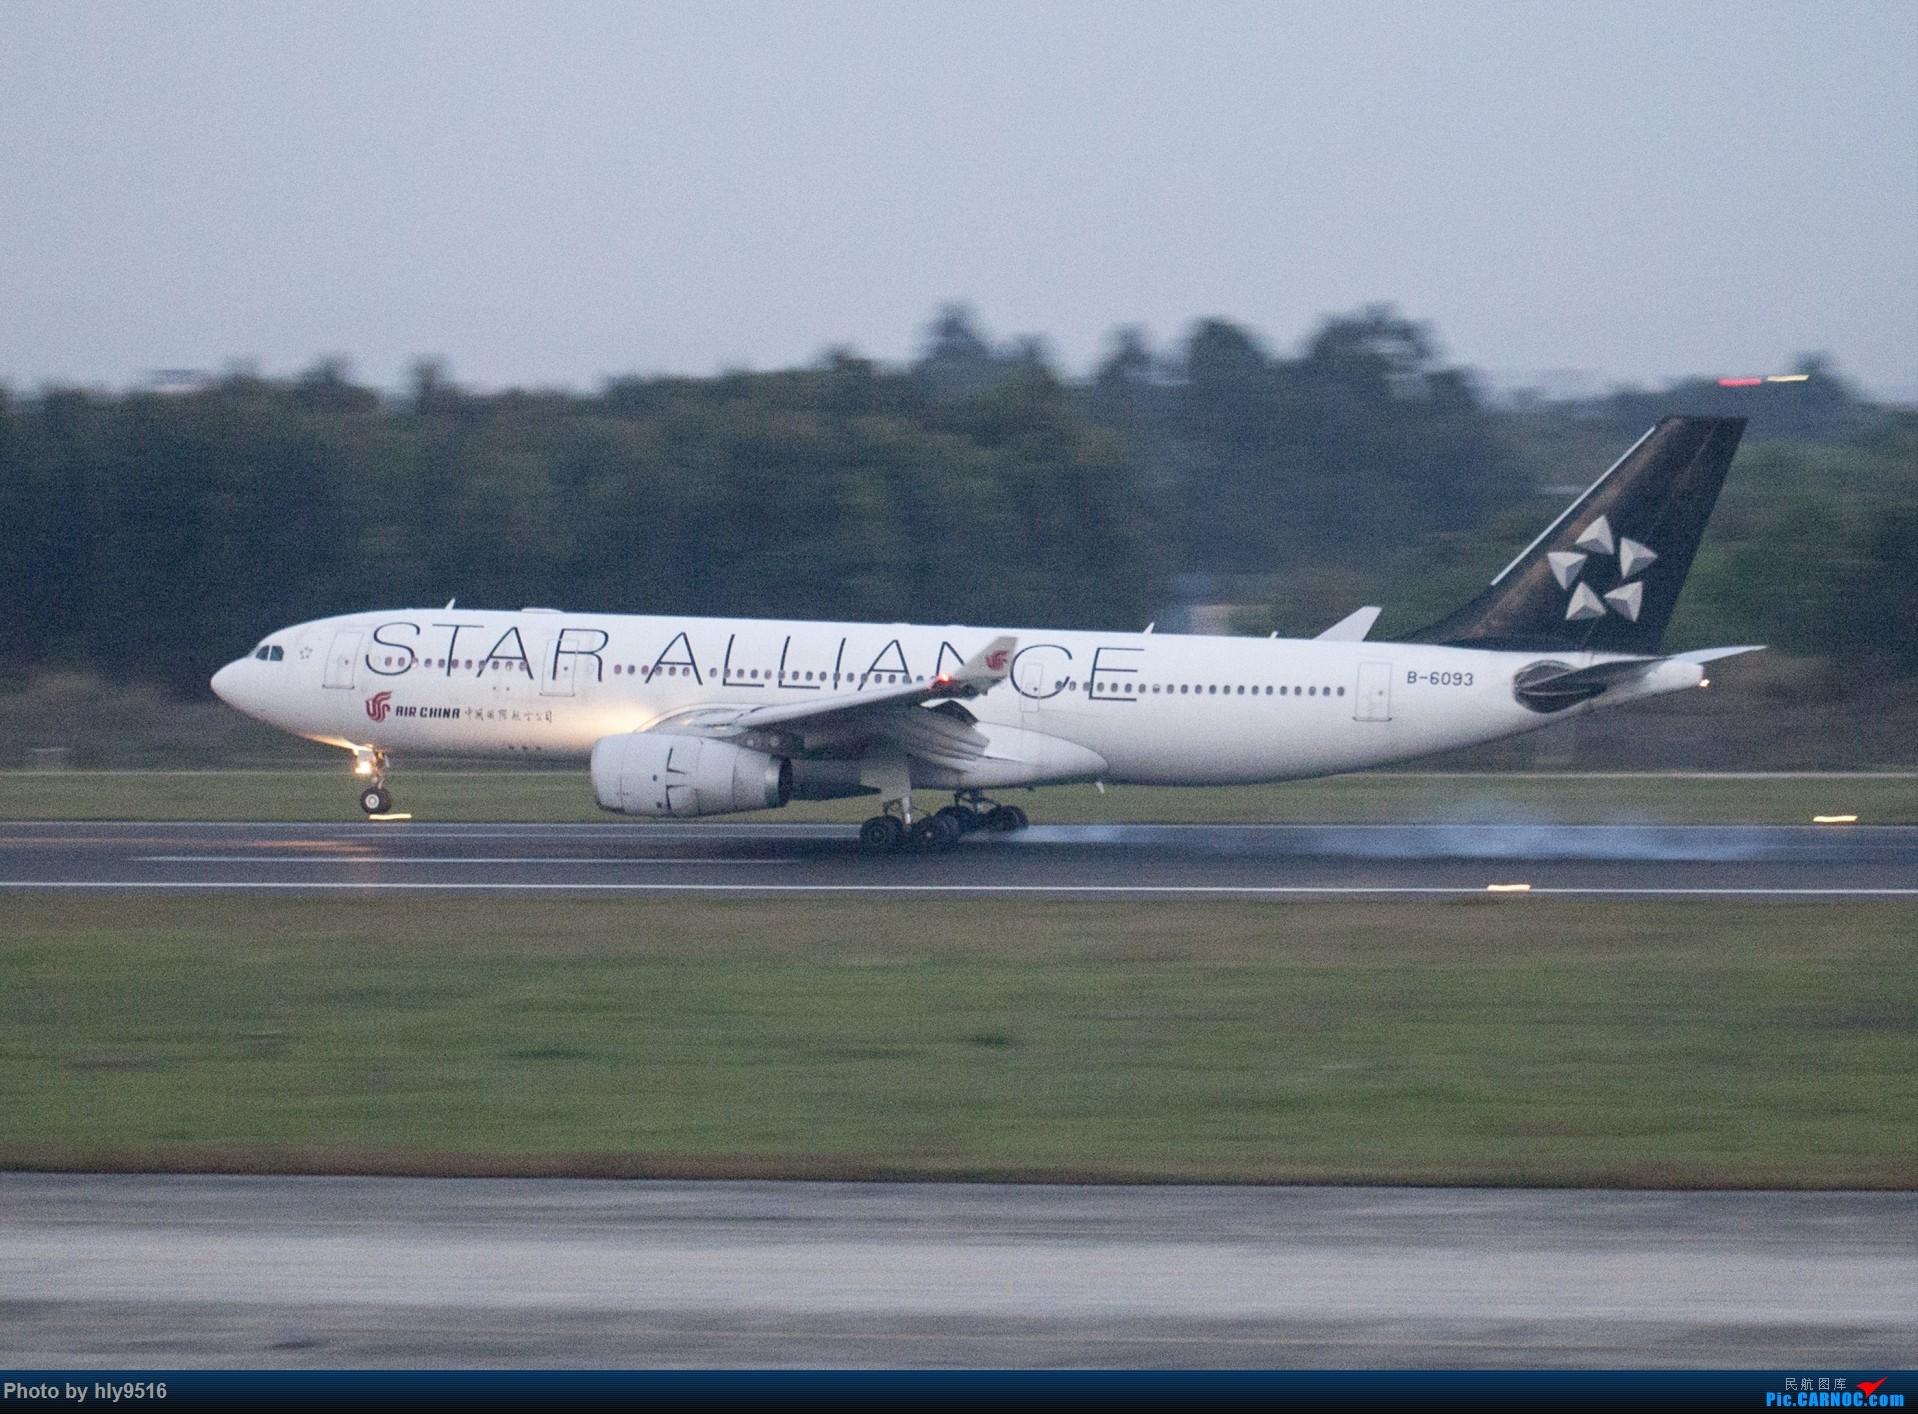 Re:[原创]【CTU】终于解决了大怨念南航A380 偶遇长荣新涂装 两次复飞 小怨念若干 AIRBUS A330-200 B-6093 中国成都双流国际机场